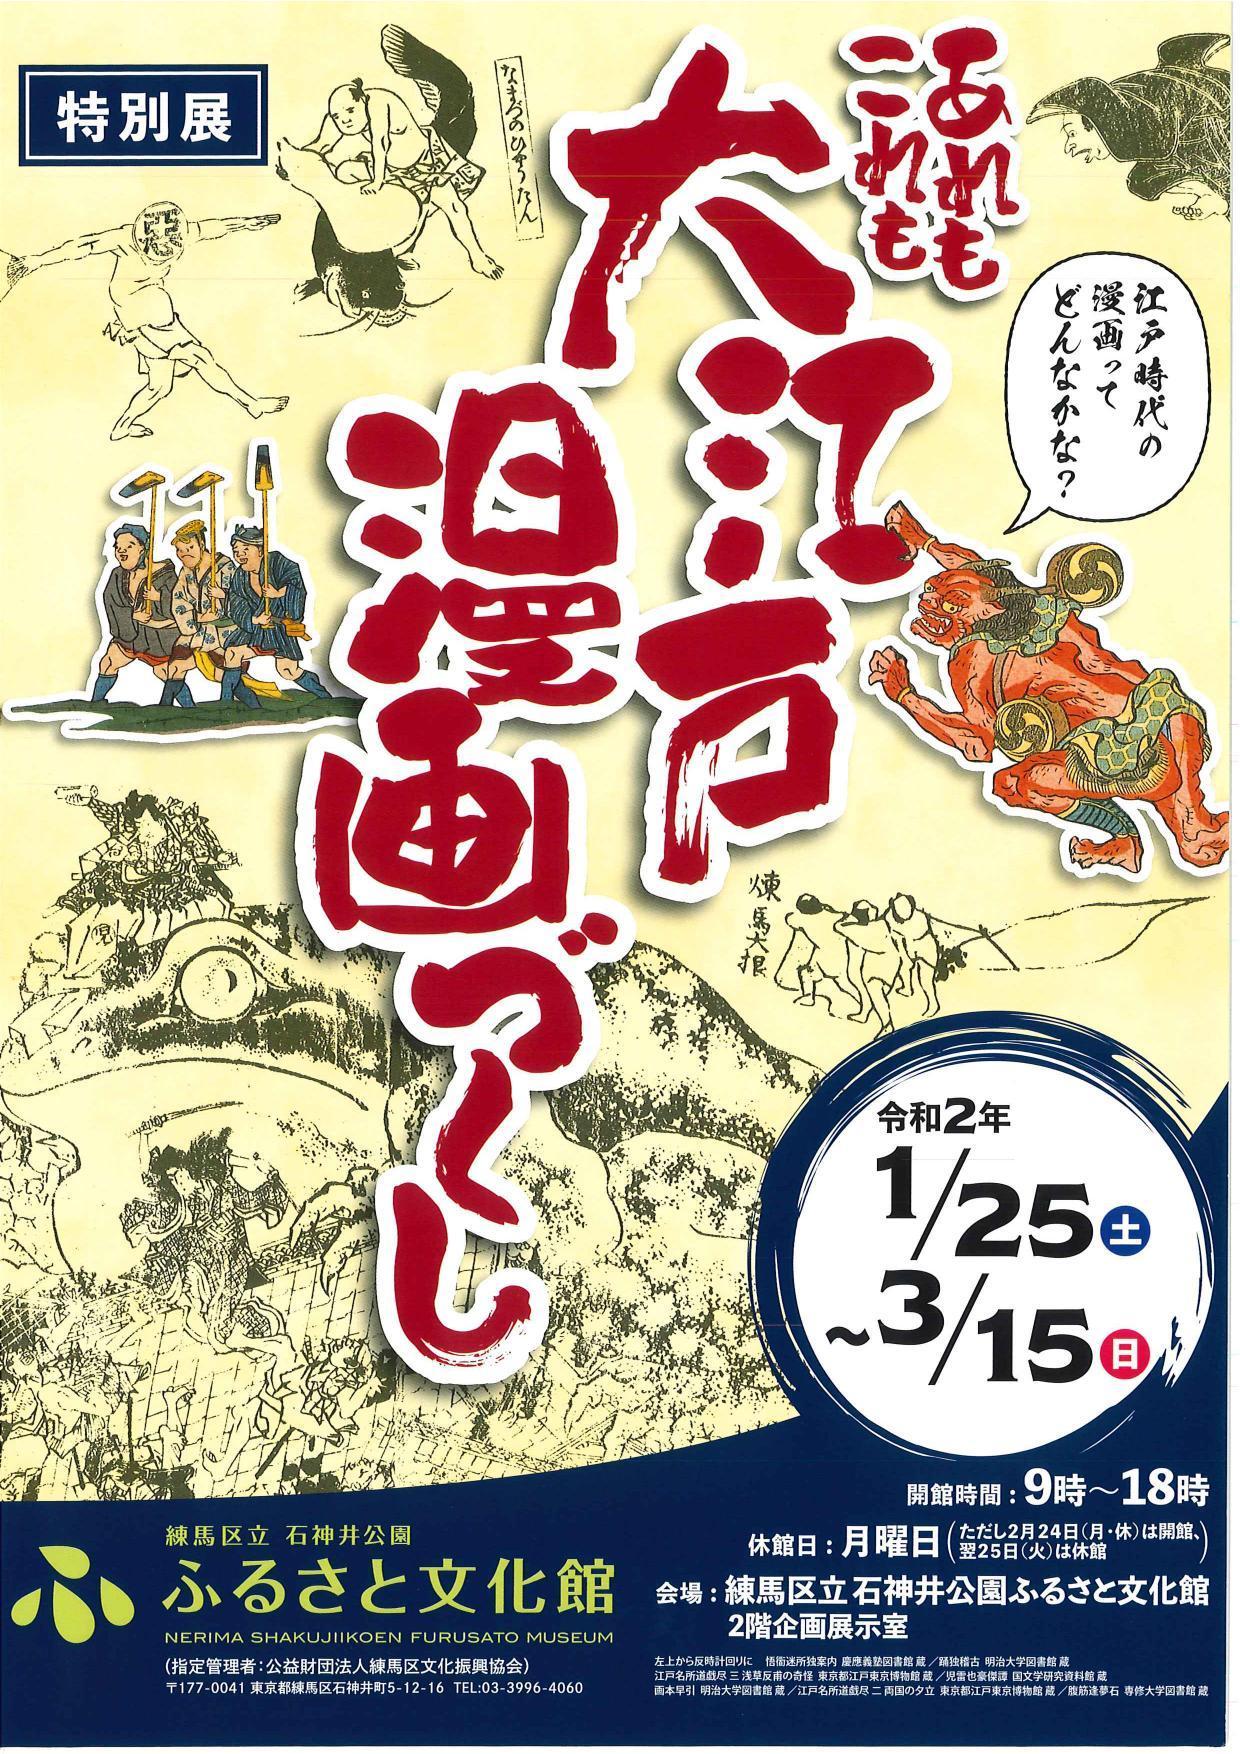 那個和這個是大江戶漫畫zukushi